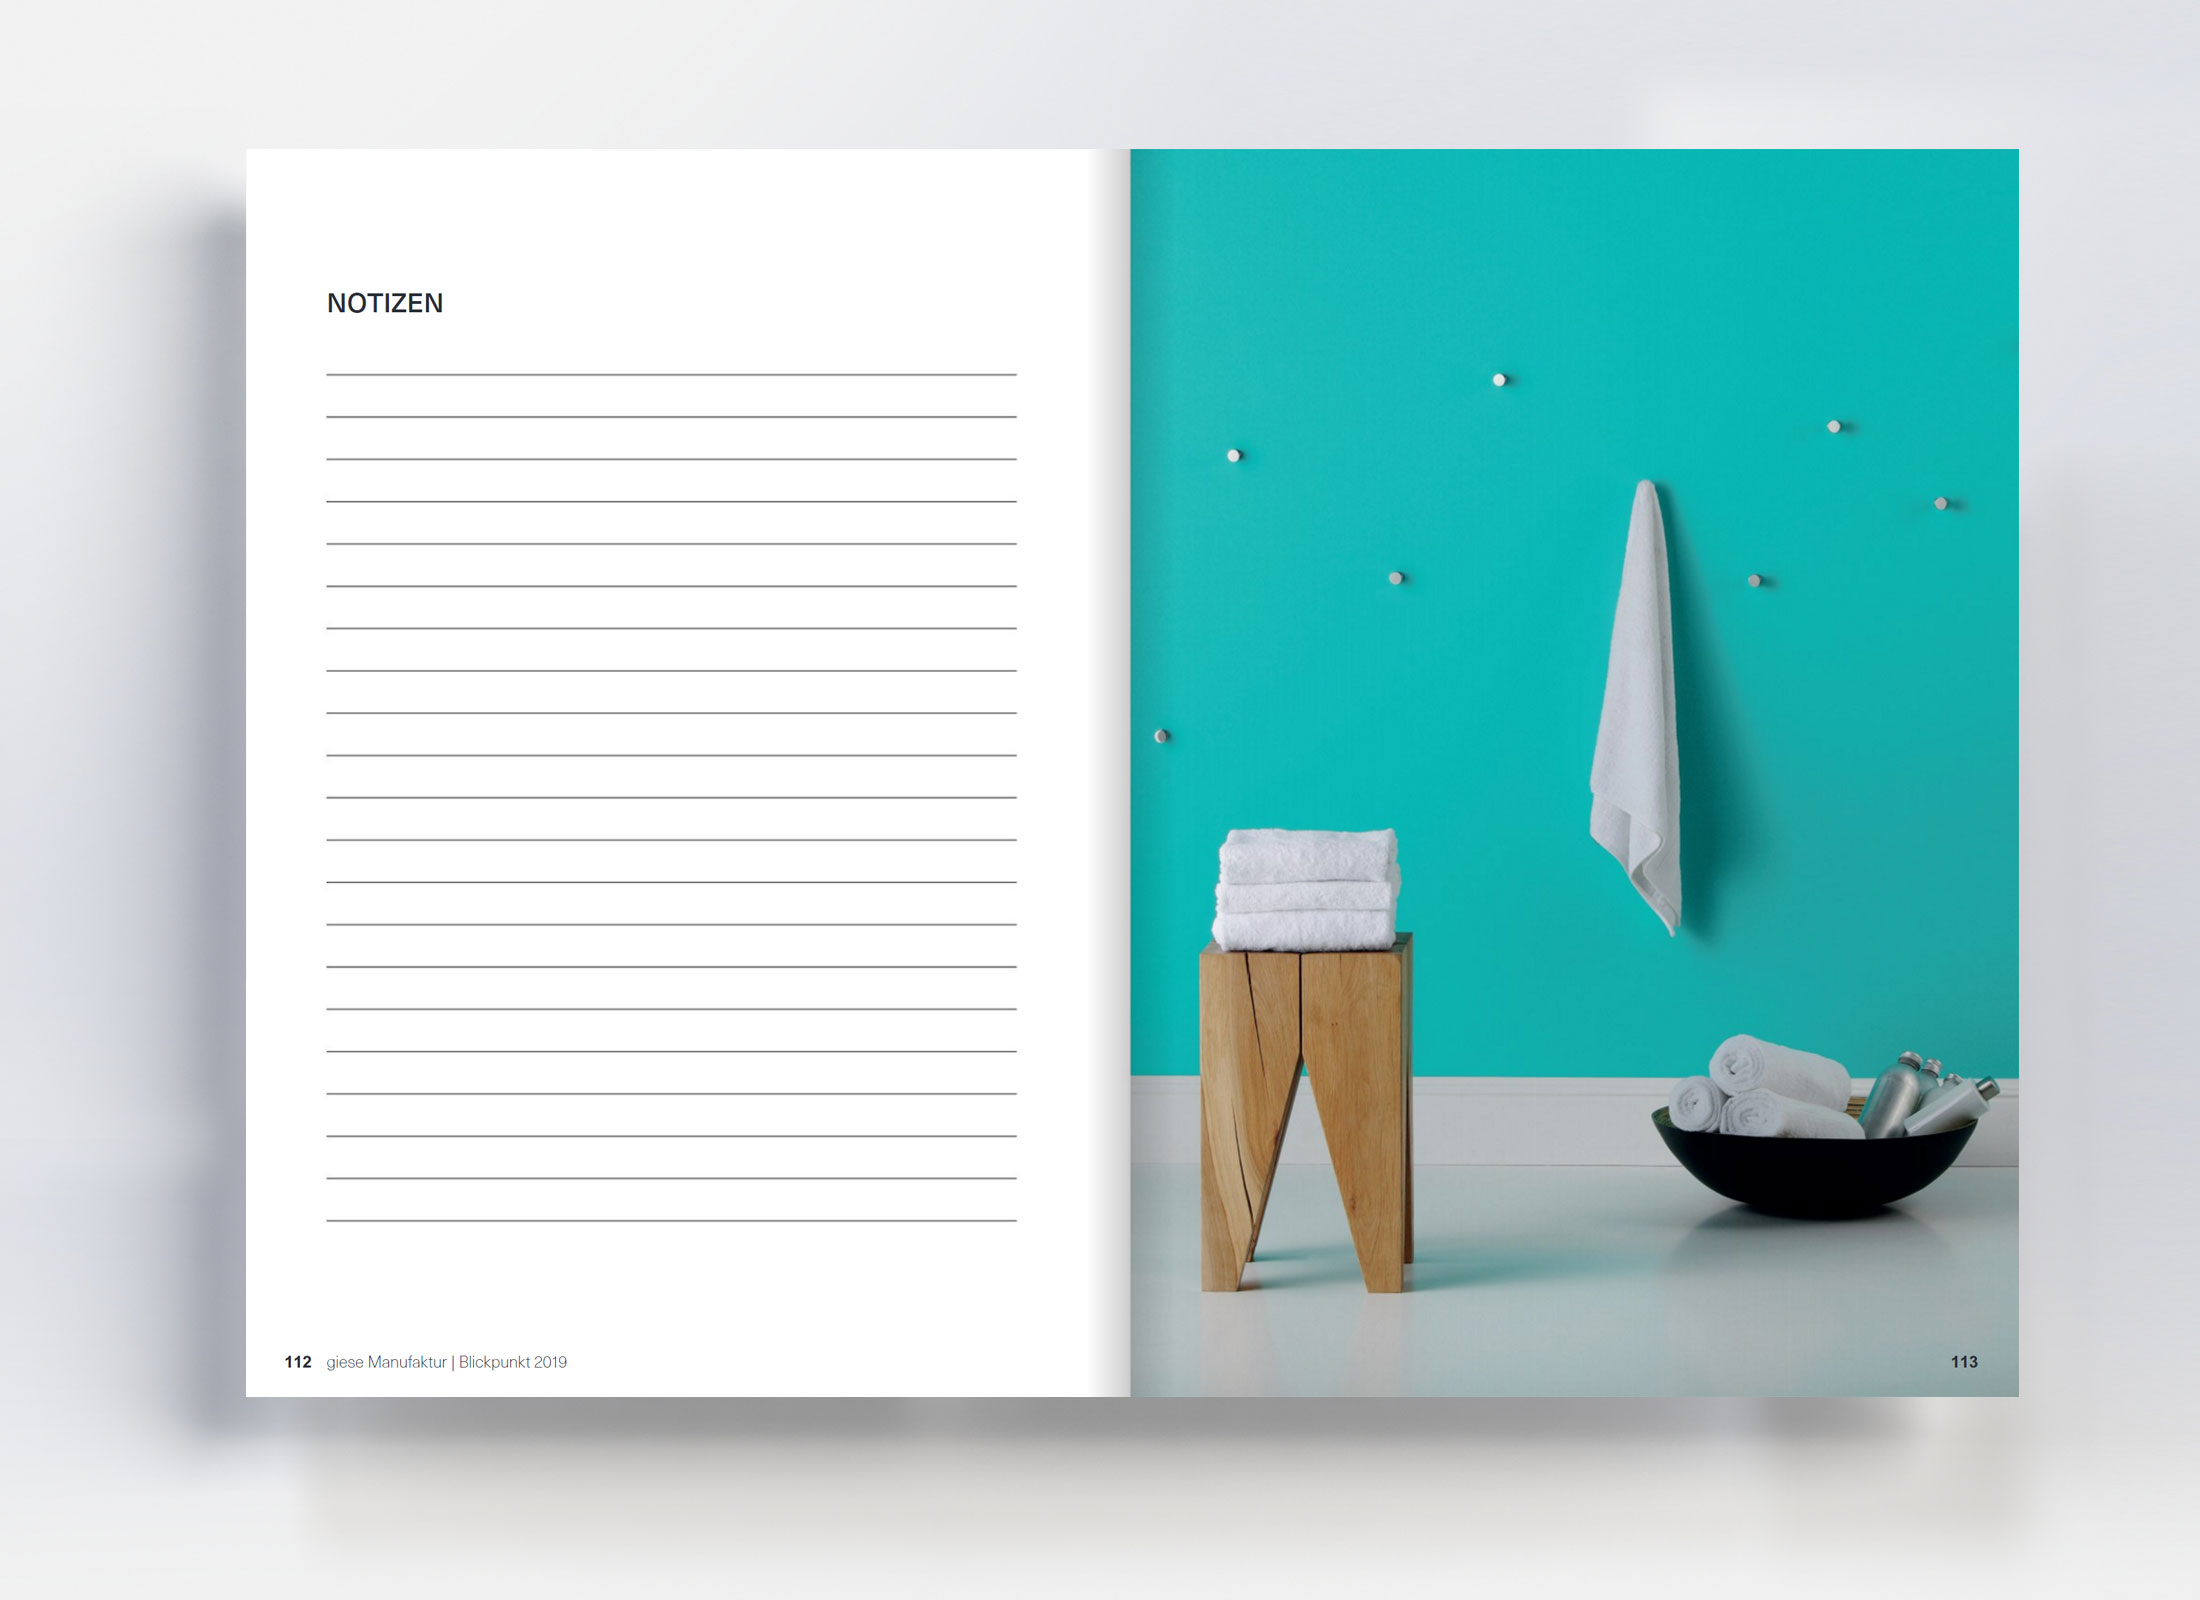 Grafikdesign Katalog Layout und Bildentwurf Blickpunkt Giese Manufaktur von freiraum id